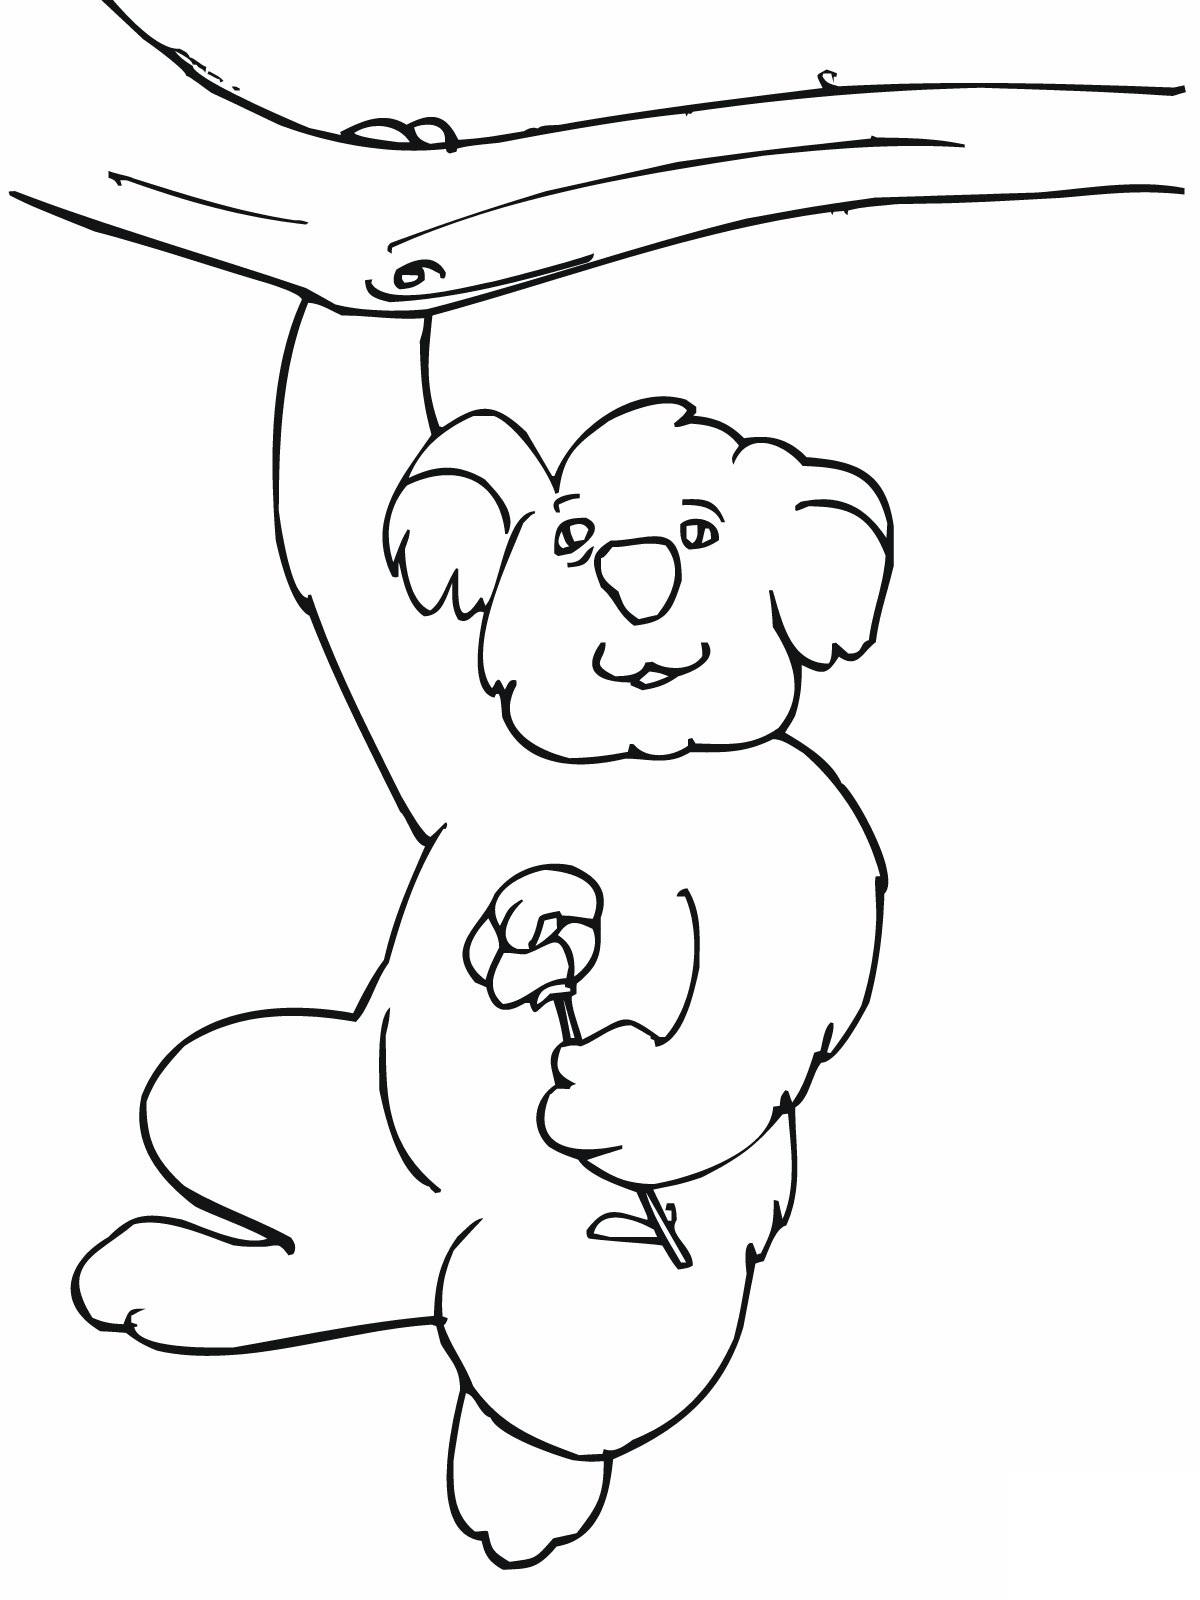 Coloriages à imprimer : Koala, numéro : efab27e8